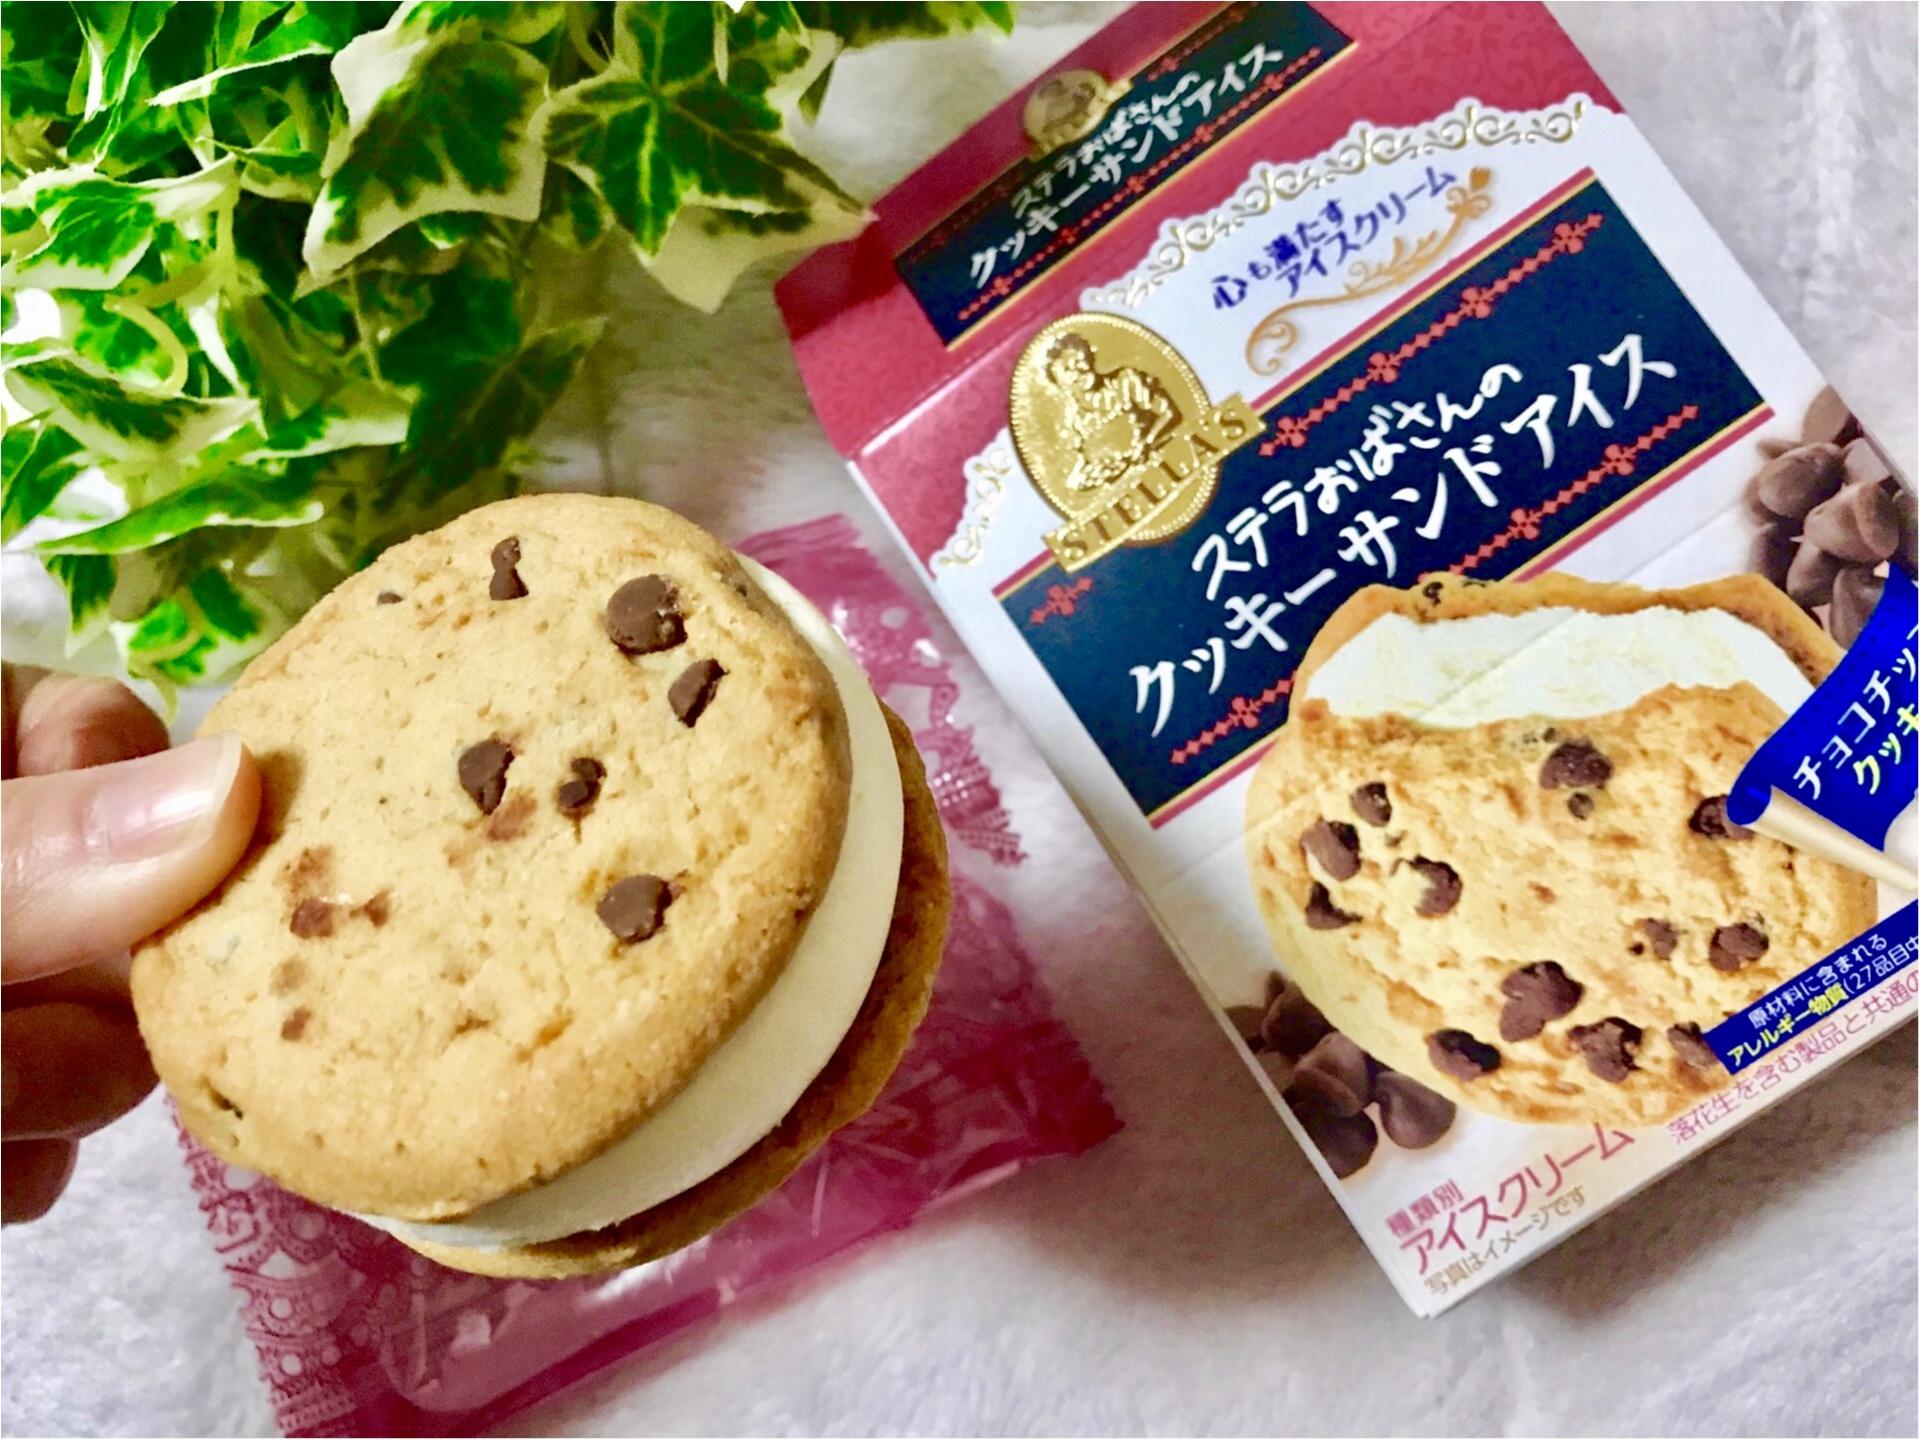 【コンビニ限定】見つけたら即買い!《ステラおばさんのクッキー》がアイスになっちゃいました♡♡_3